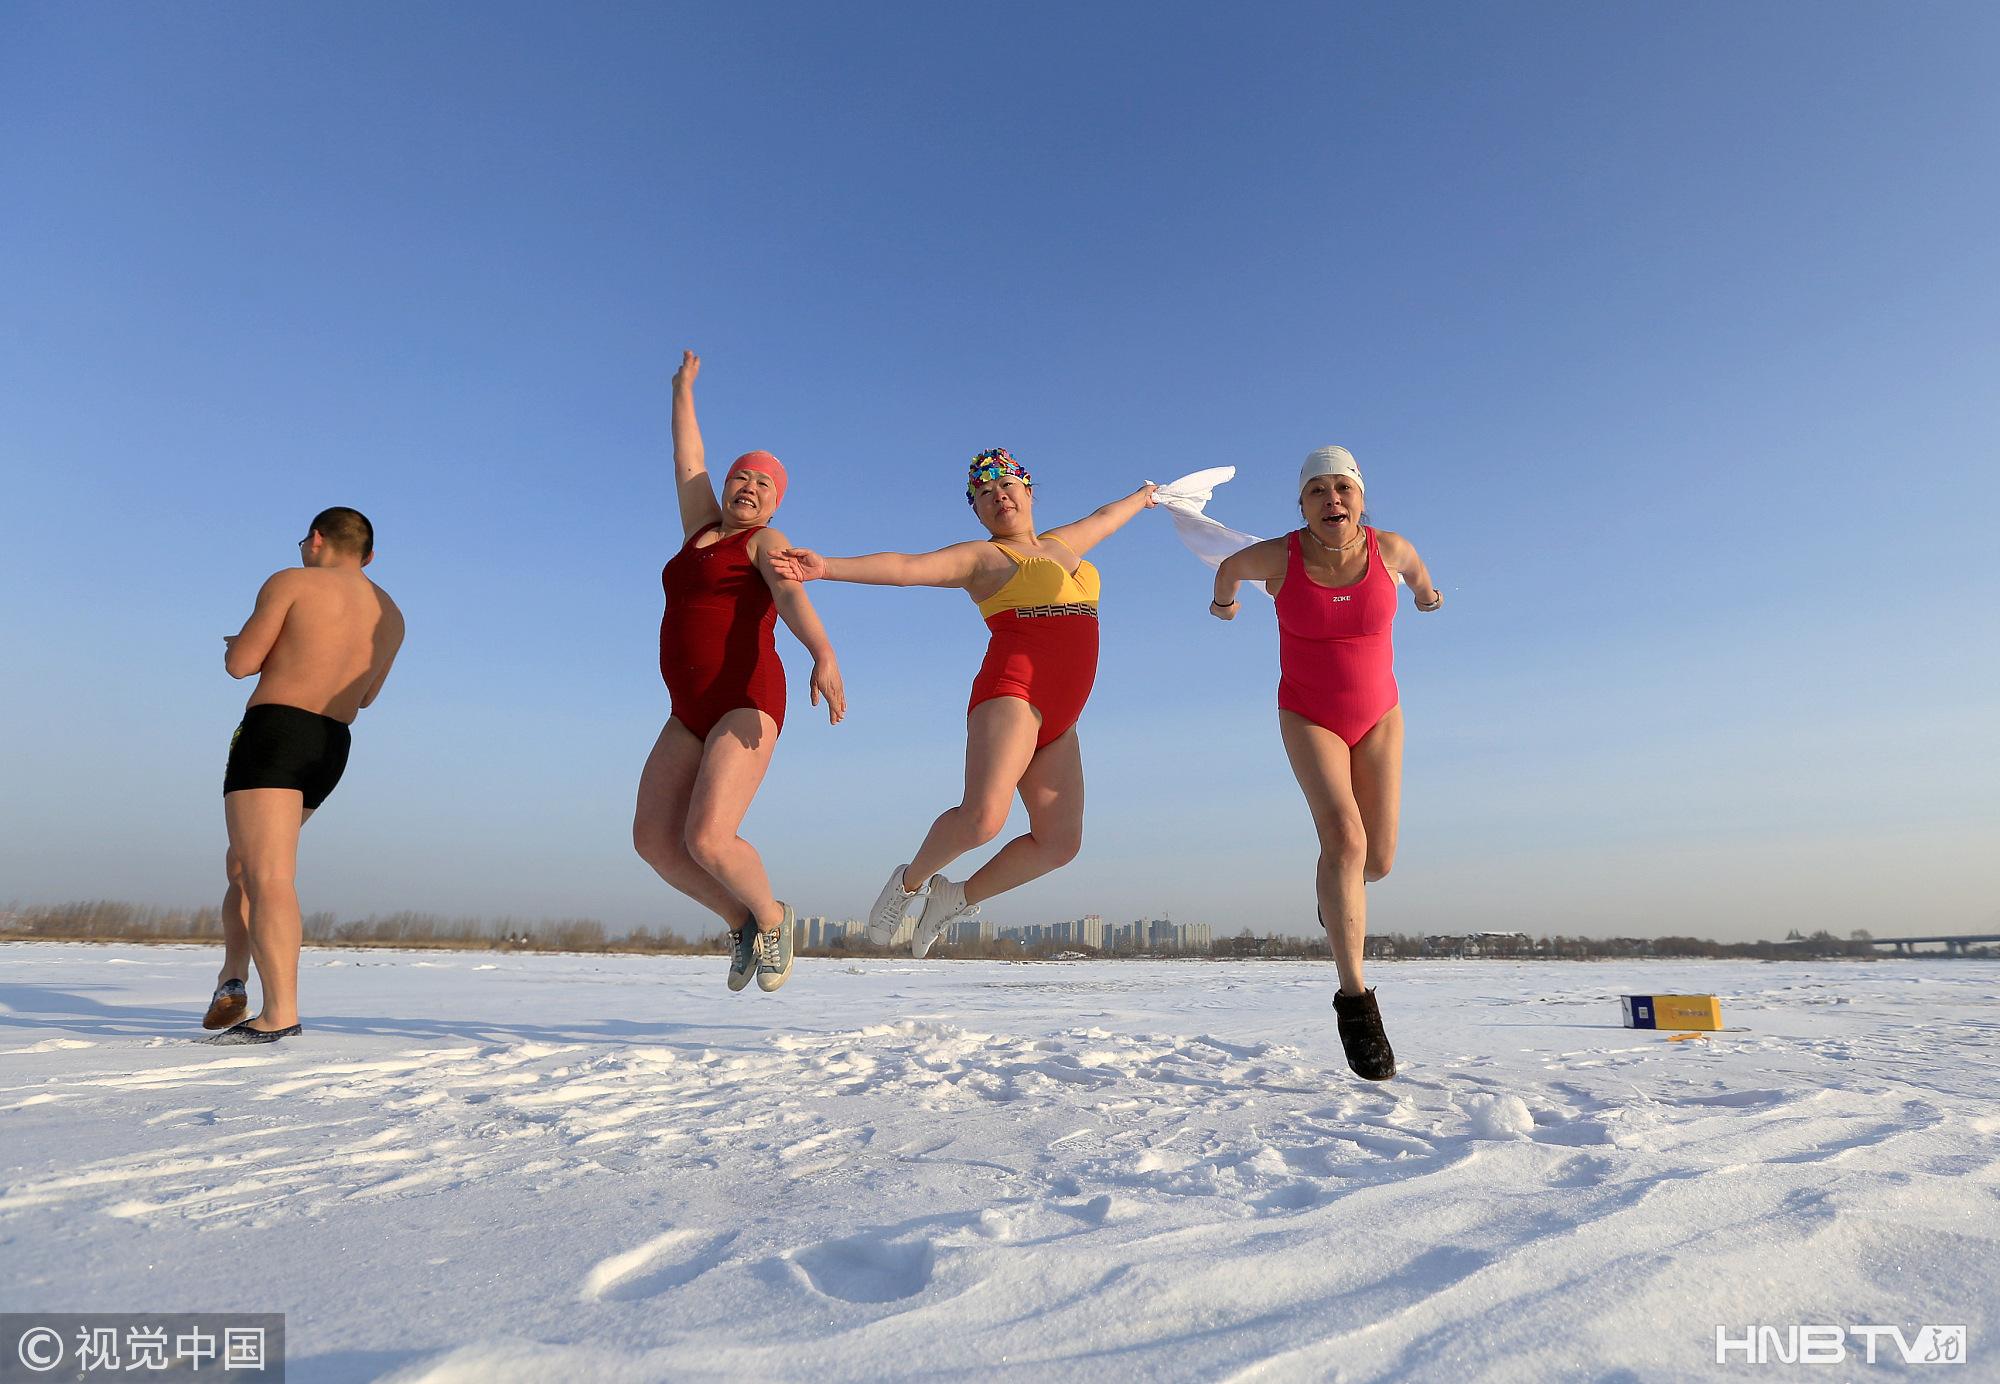 哈尔滨:冬泳队大爷大妈零下18℃雪地上撒欢 穿泳衣欢喜庆元宵(组图)